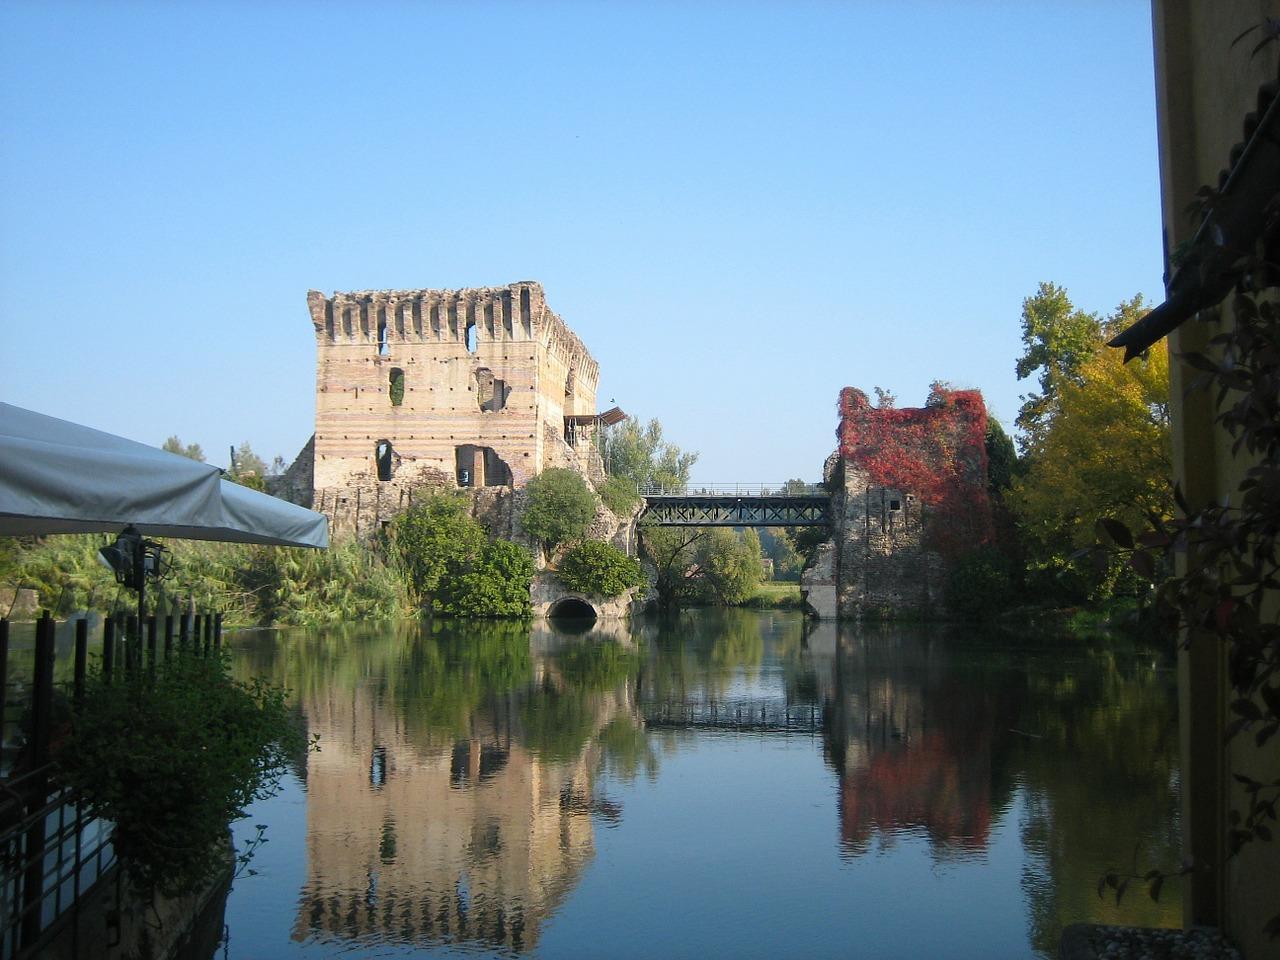 El impresionante Castello Visconteo con su torre característica y el museo arqueológico sito en las murallas del castillo